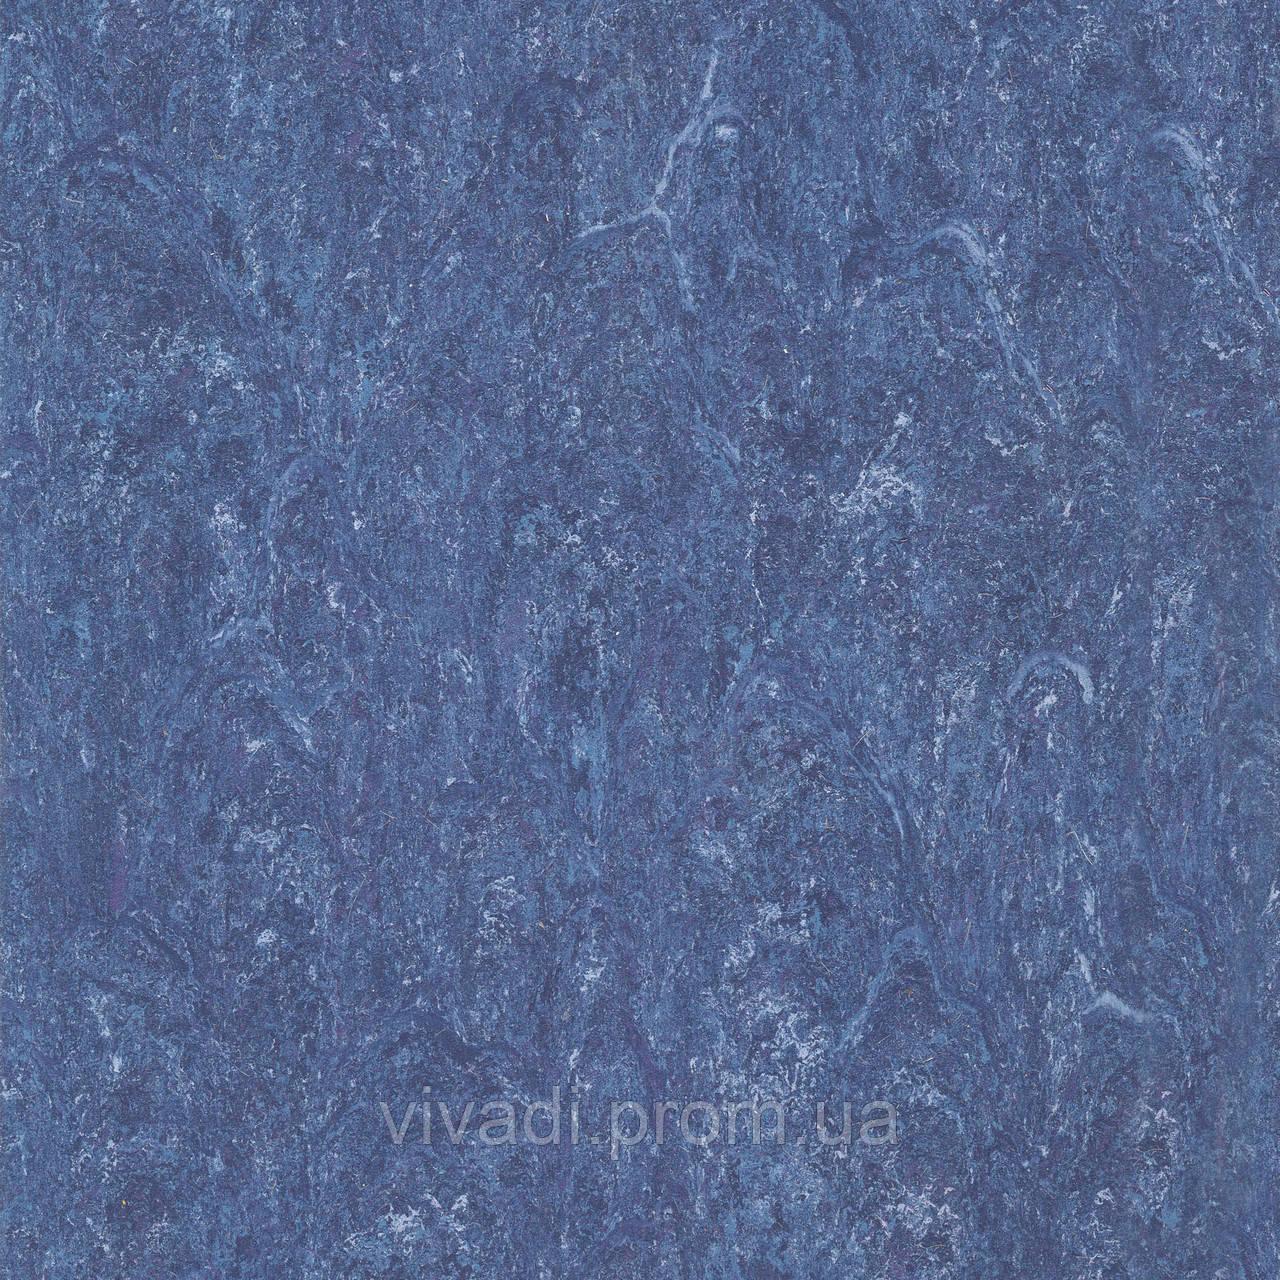 Натуральний лінолеум Marmorette PUR - колір 125-148